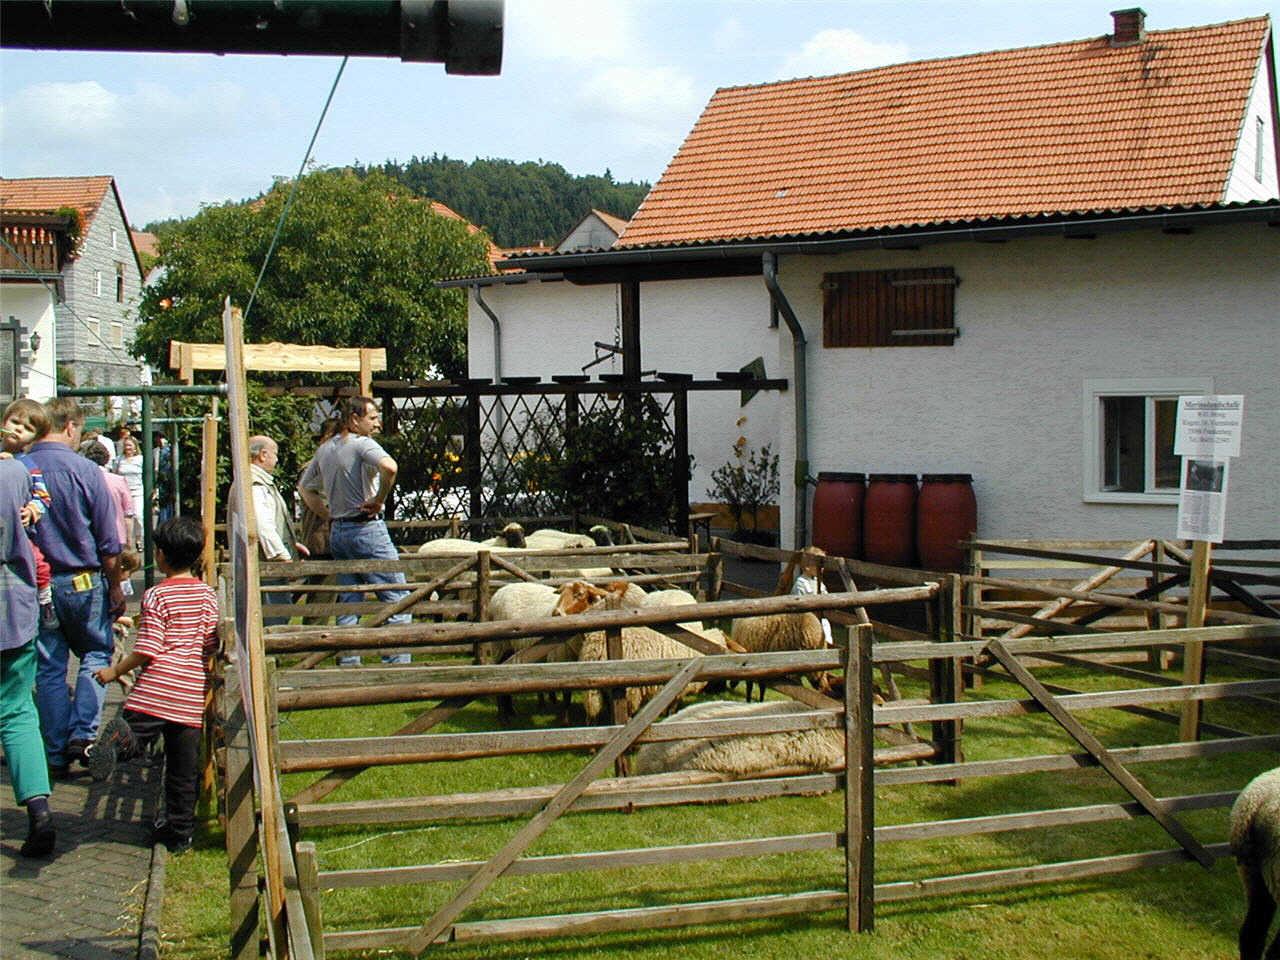 Schäfer und Schafzucht auf Brosigs (Hawwersch) Hof. (© Detlef Battefeld)